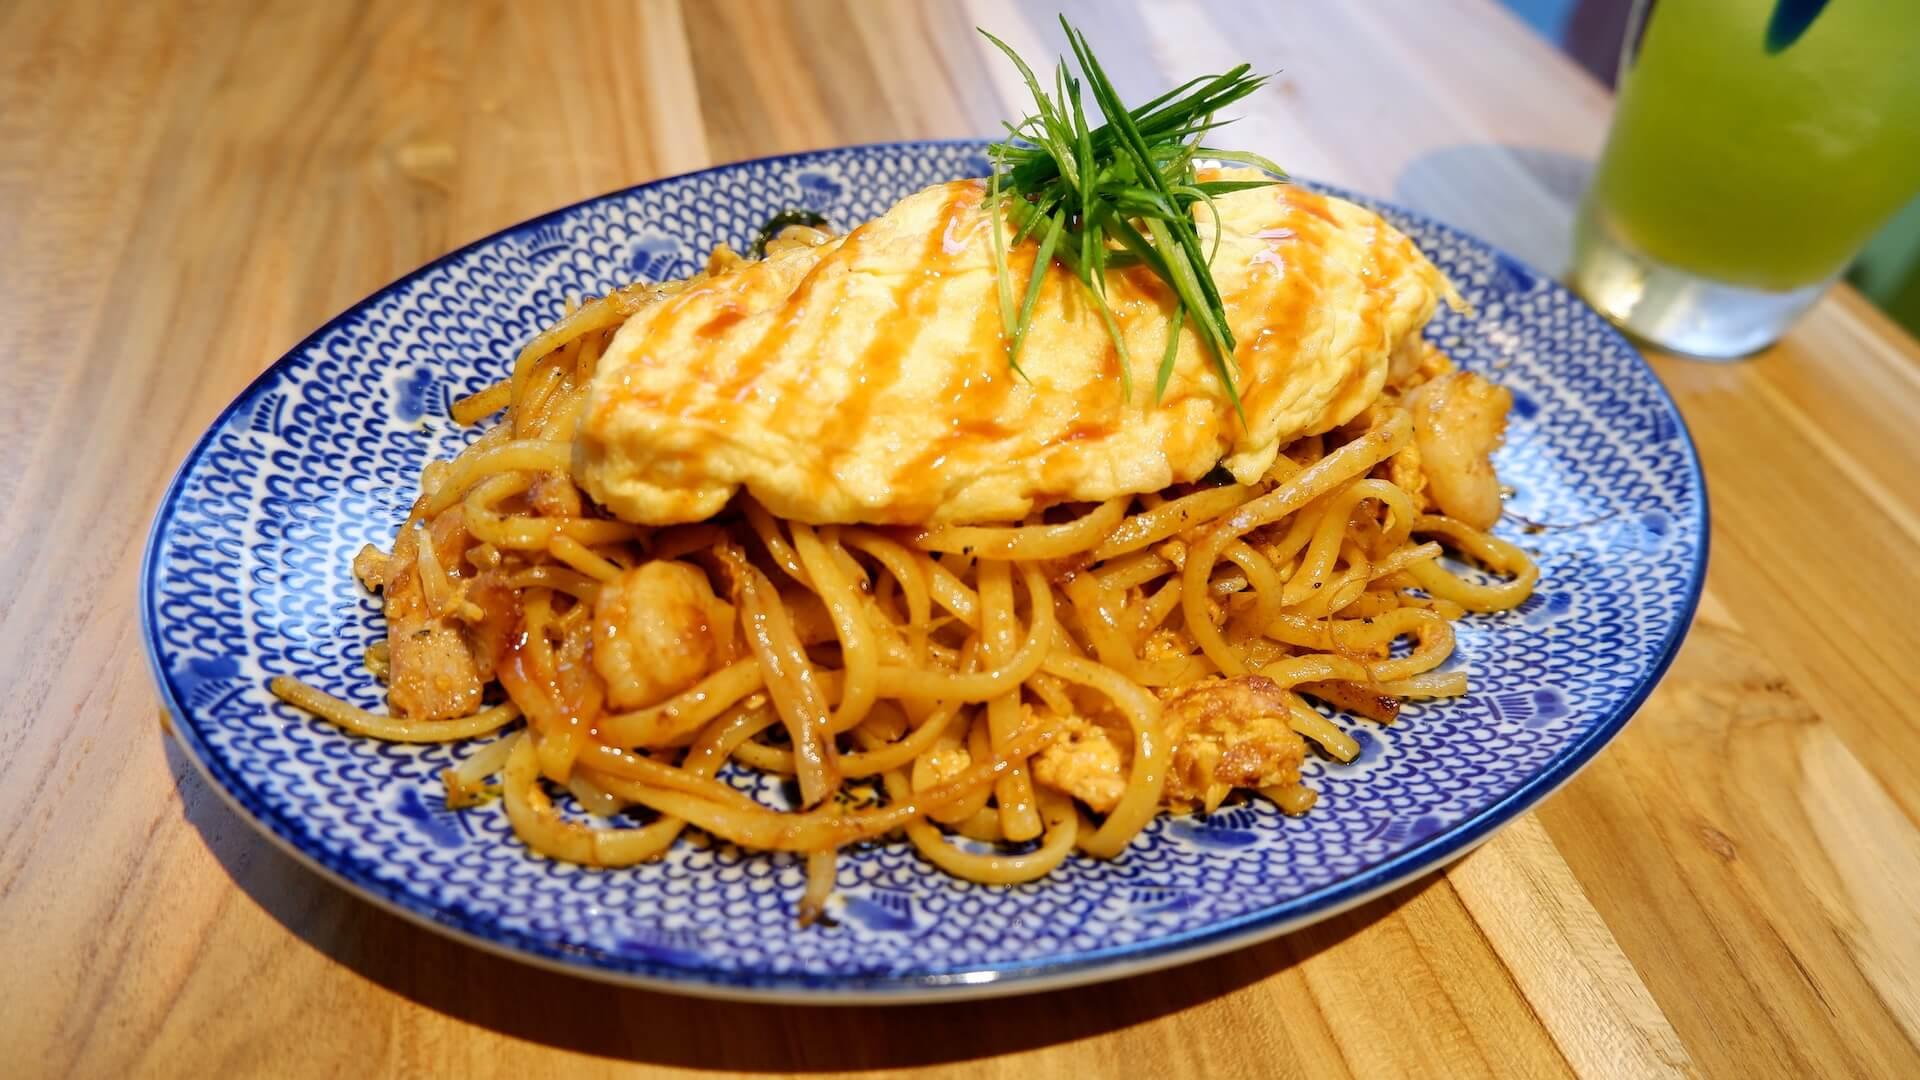 驚くほどもちもちの自家製麺「生パッタイ専門店」2号店が銀座コリドーにオープン!ふんわりオムレツのオムパッタイも新登場 gourmet200717_pattai_ginza_04